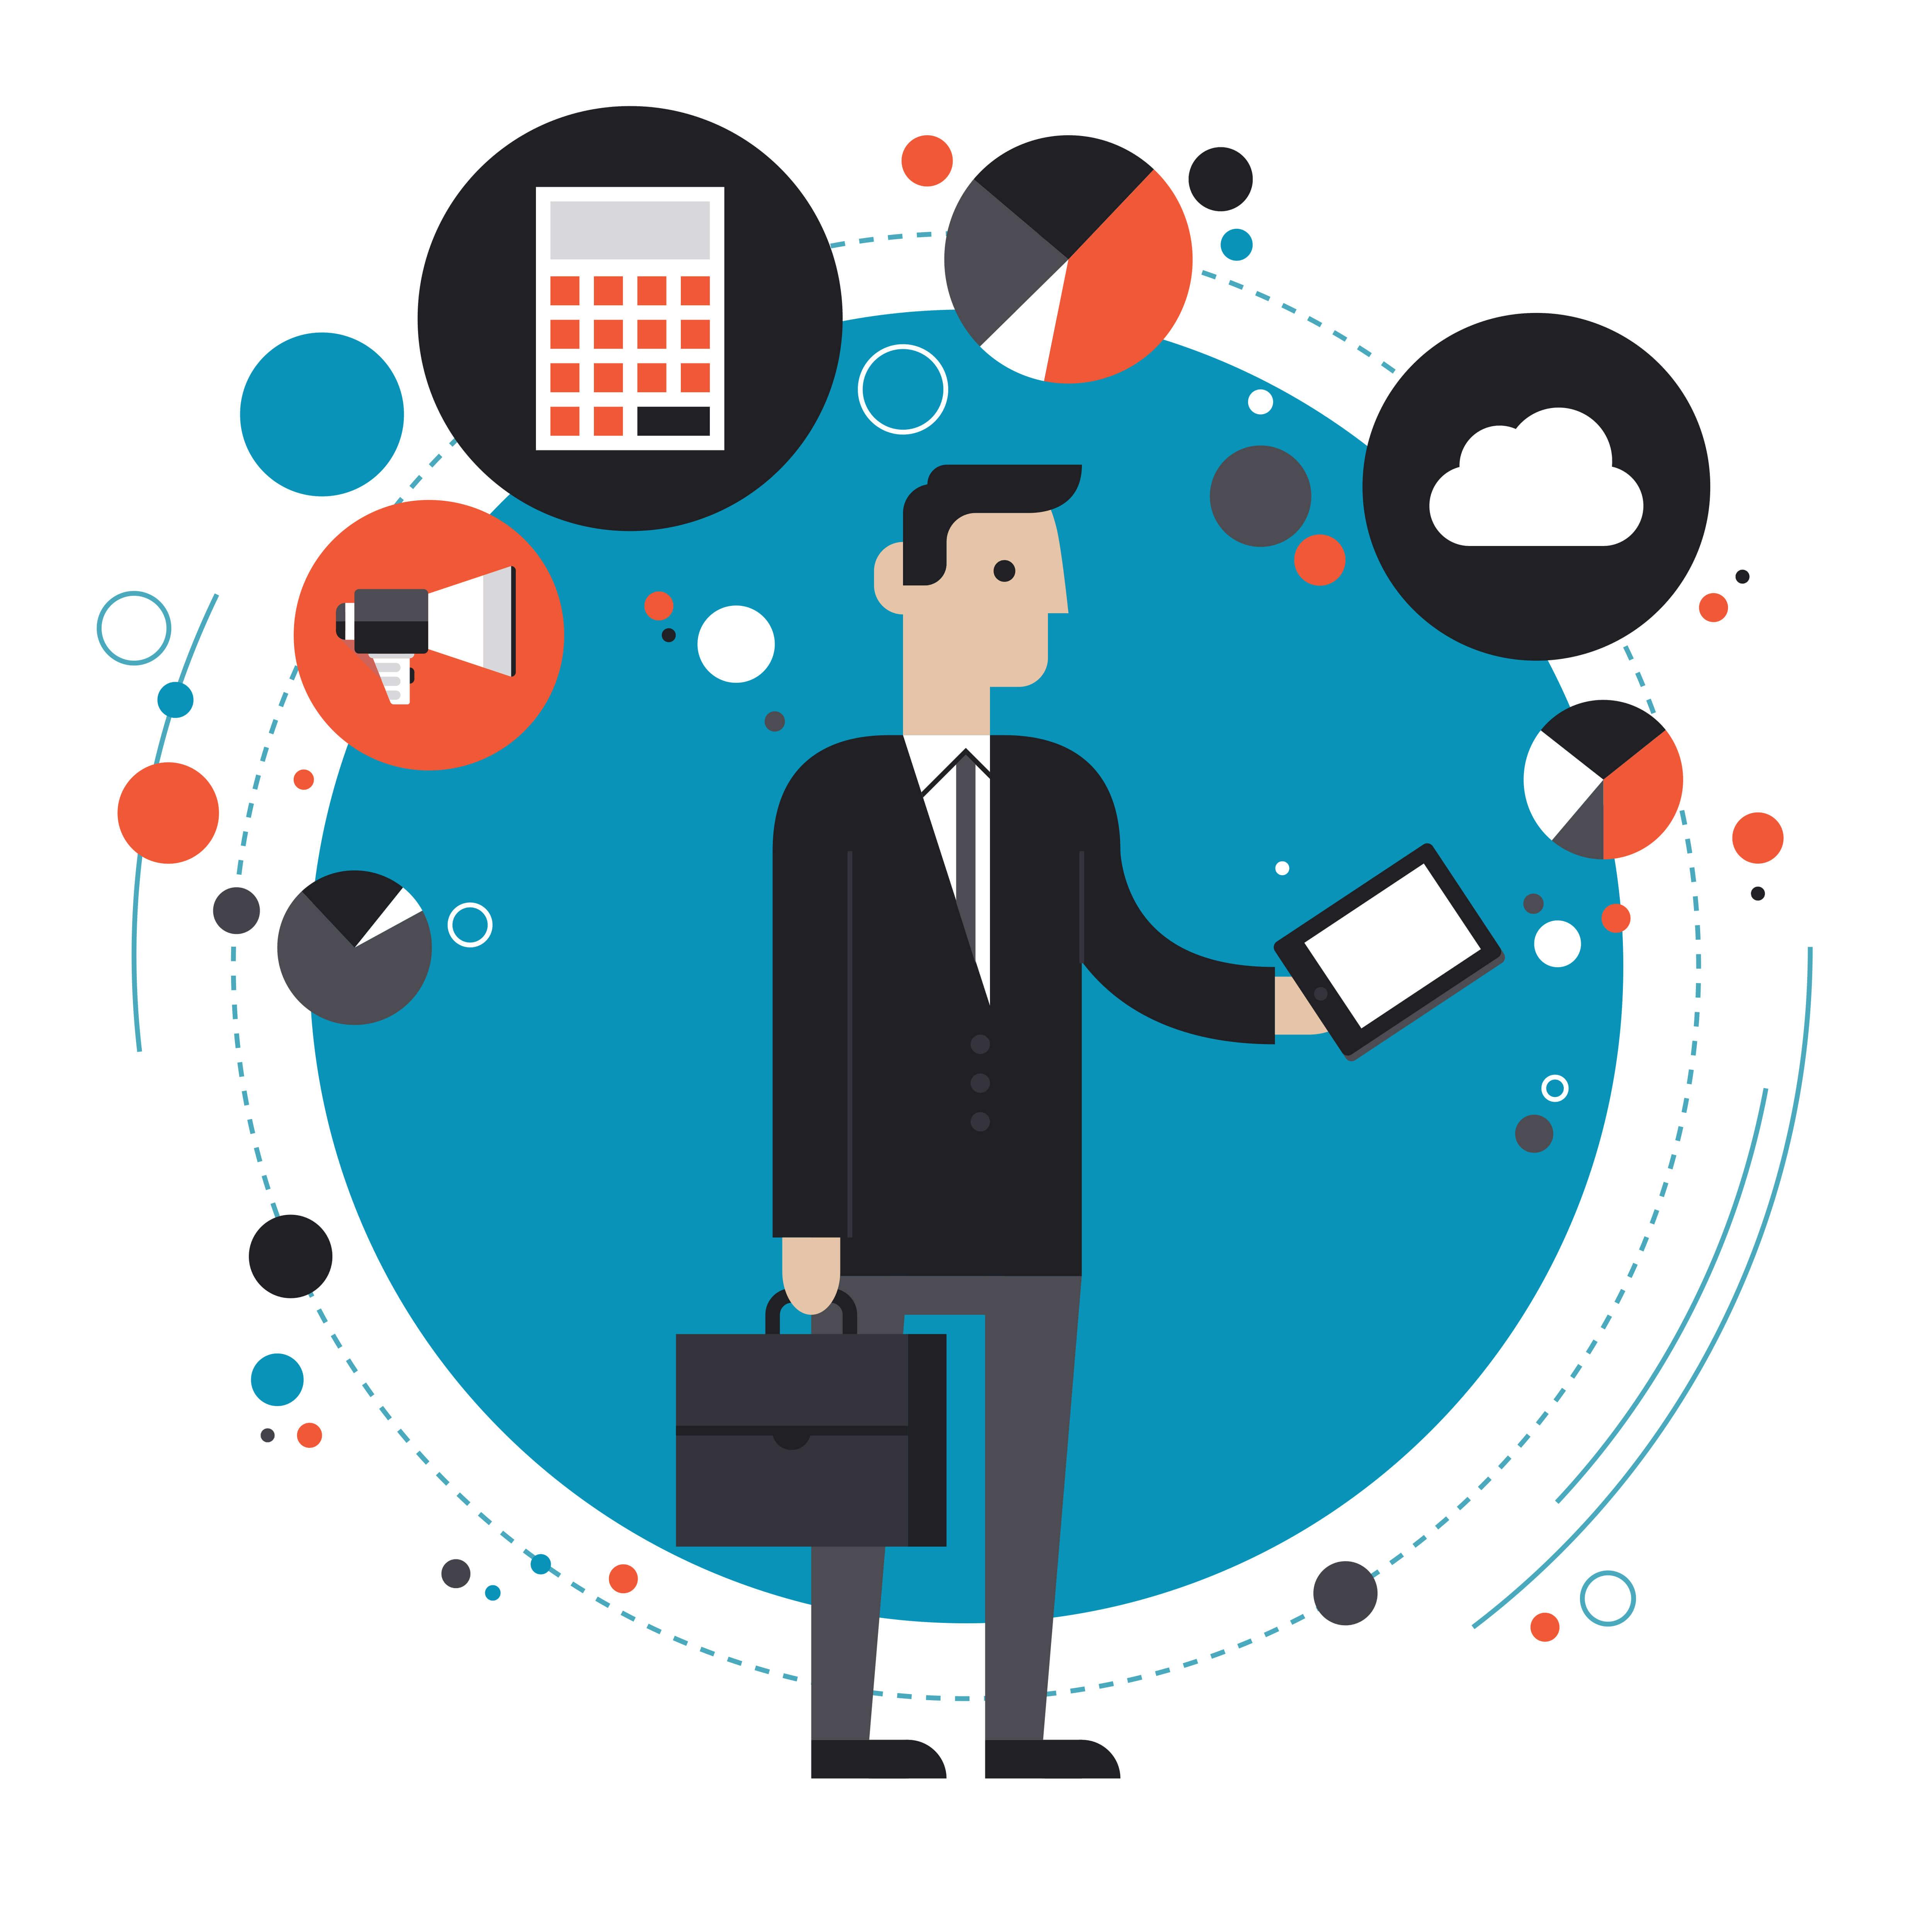 Mobilidade corporativa: você sabe o que é e por que aplicá-la?